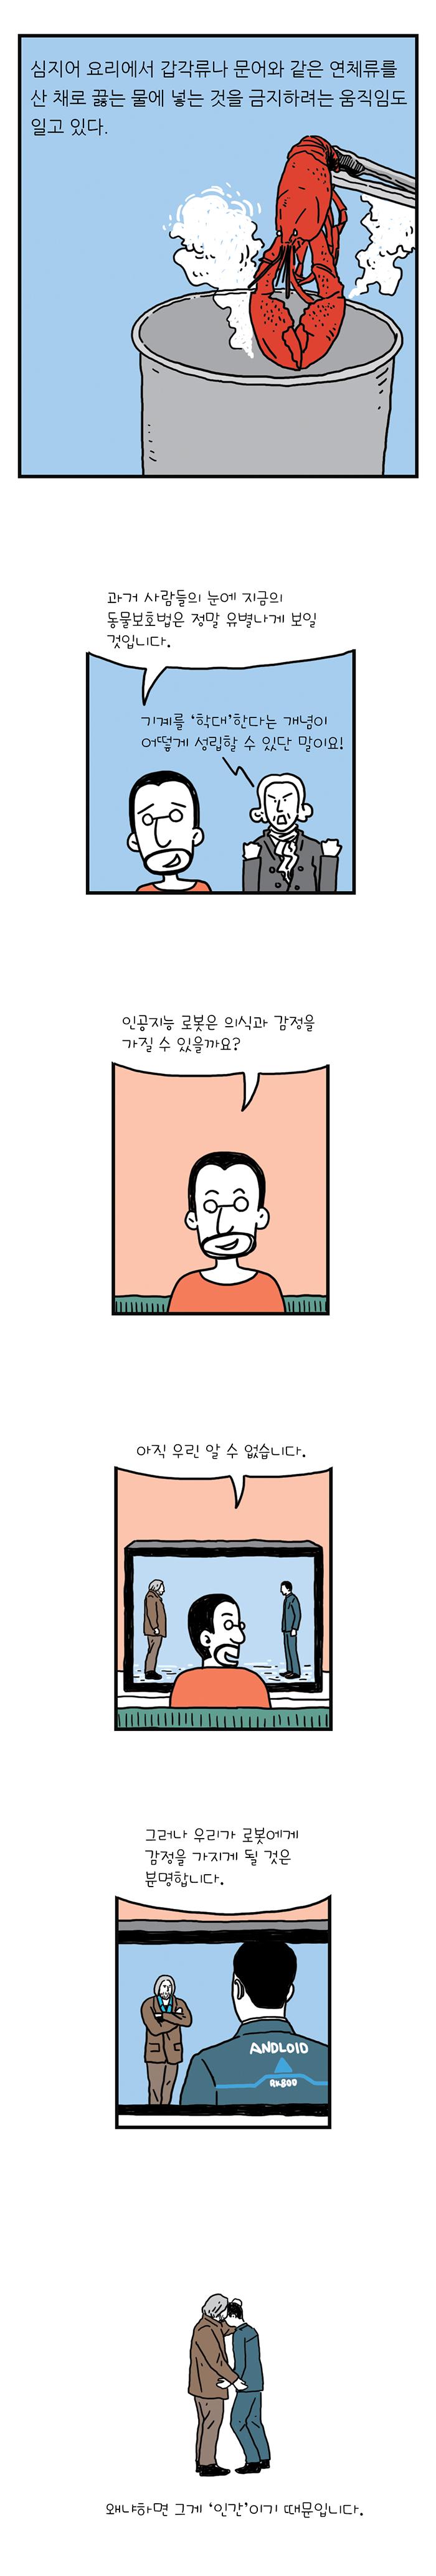 사이언티픽 게이머즈 시즌4 #2 디트로이트: 로봇과 인간의 유대 8